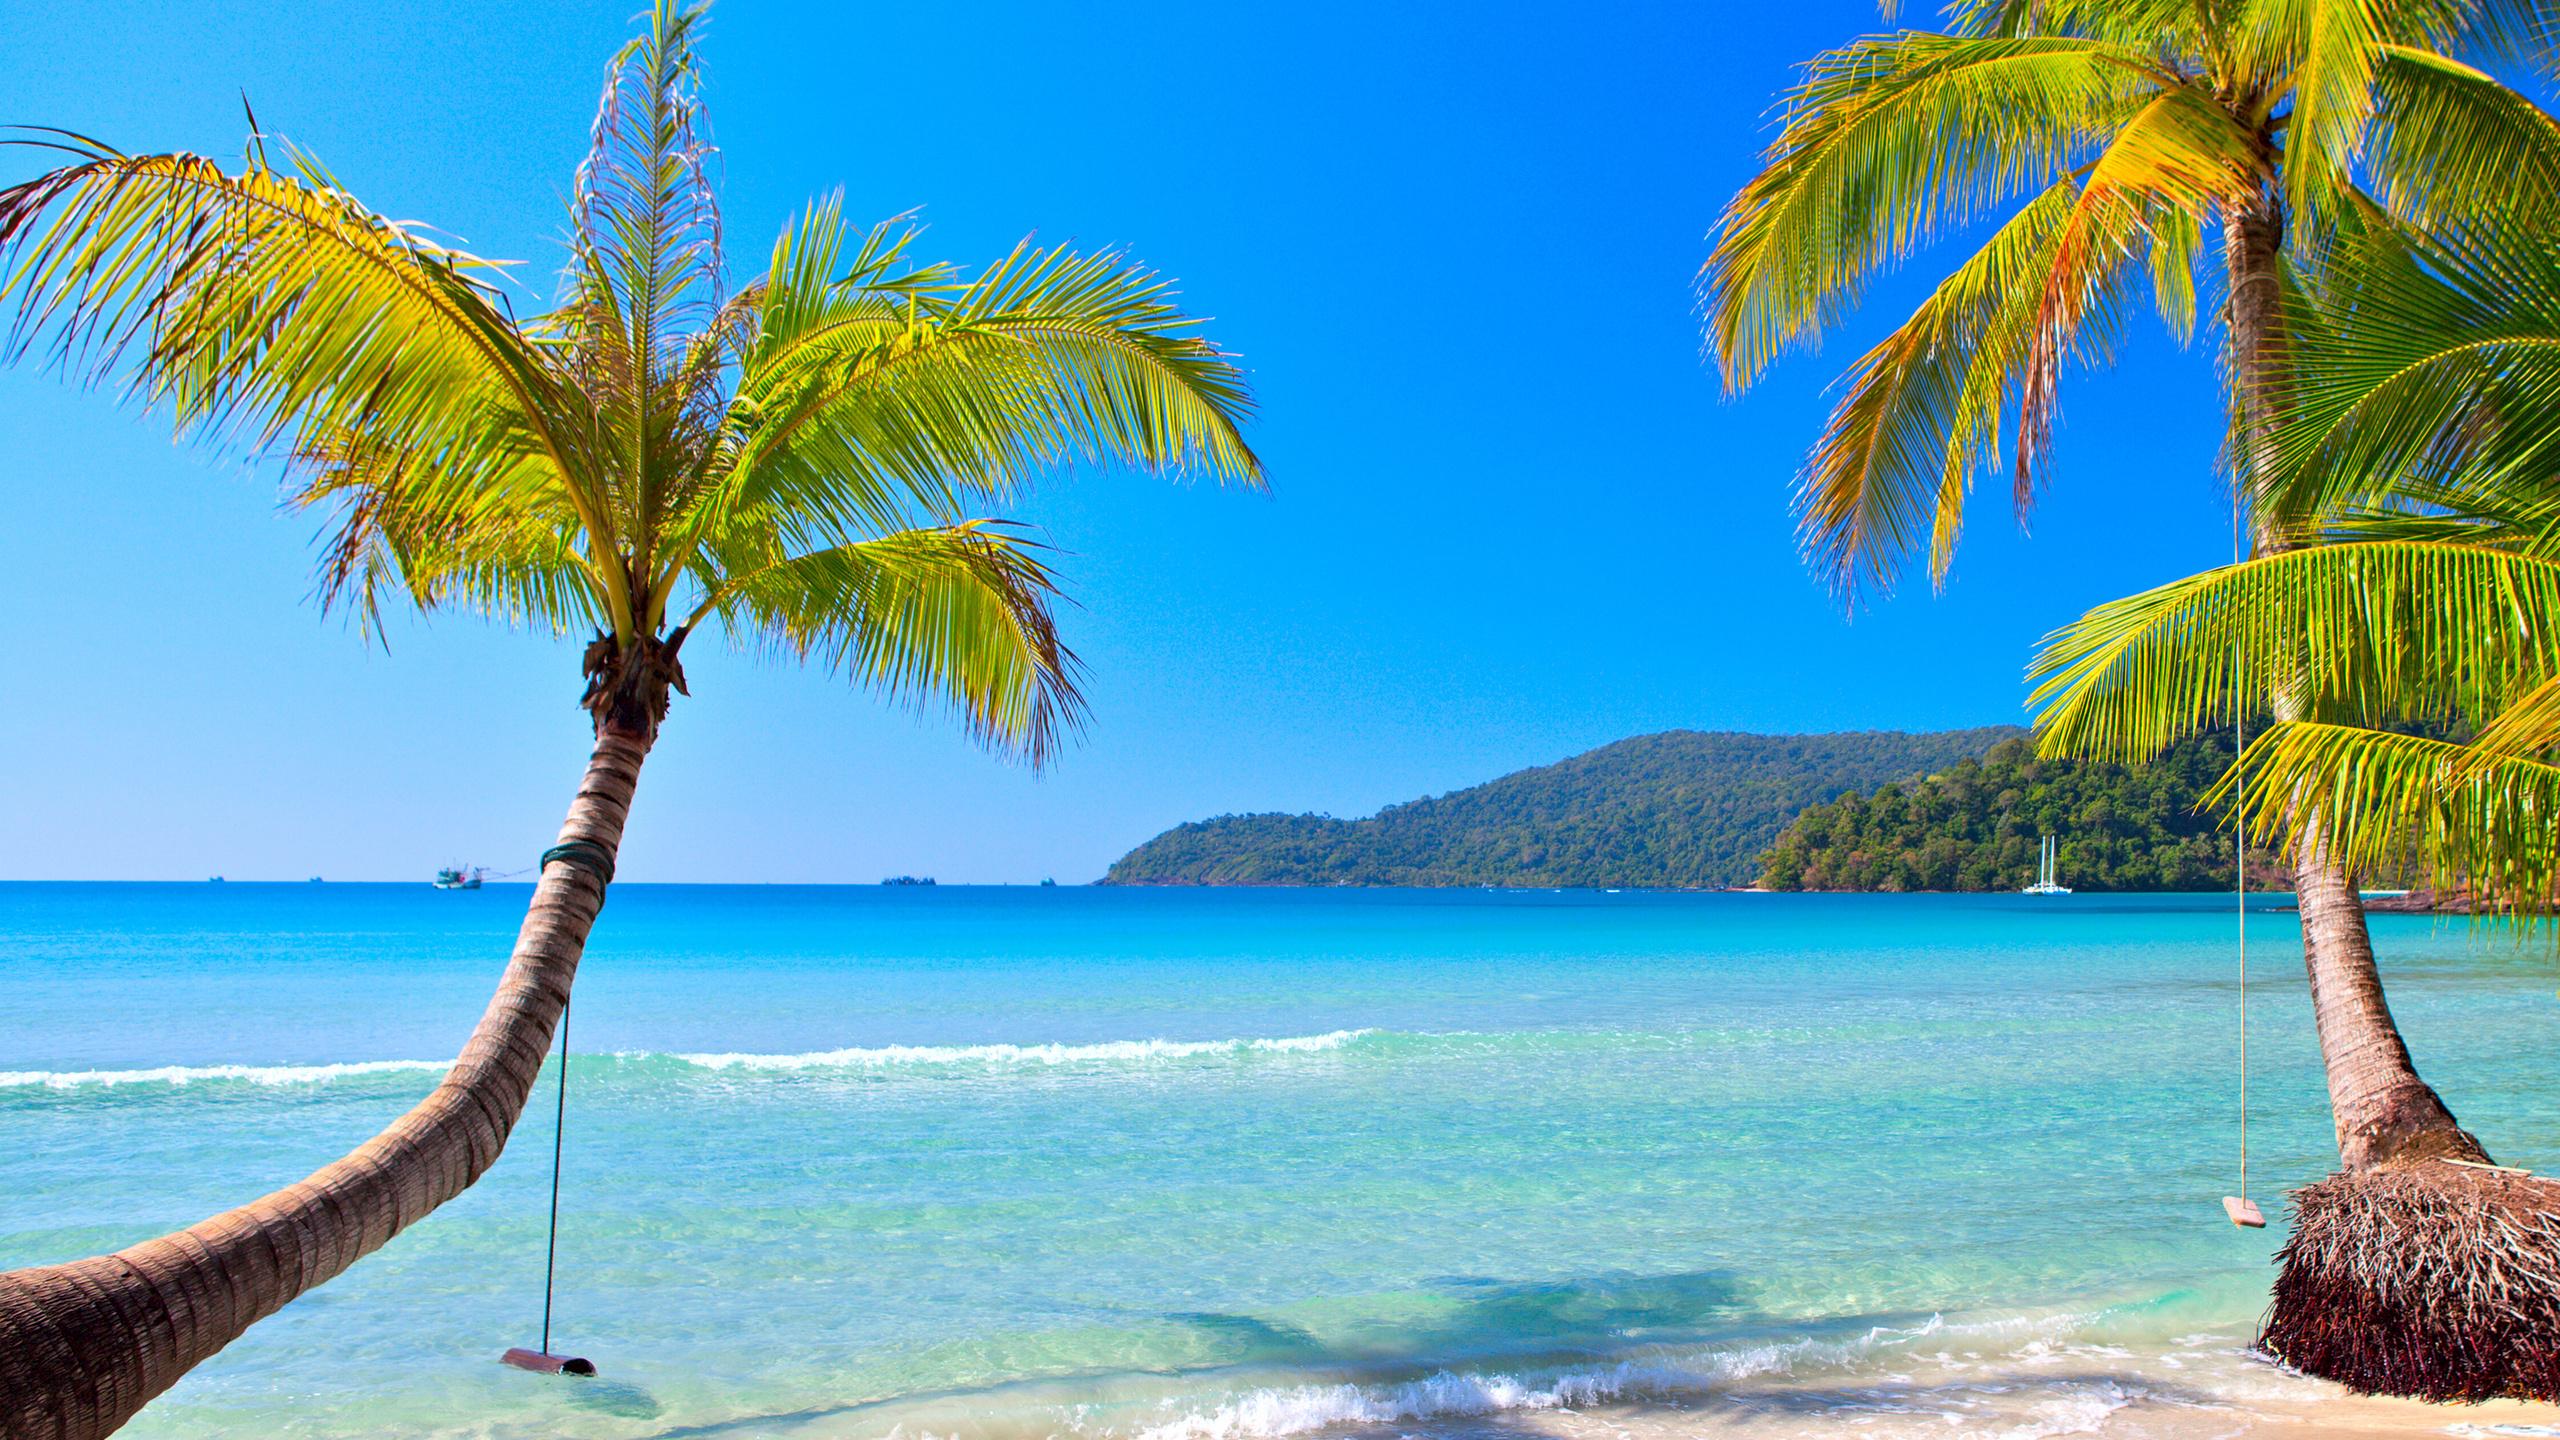 ней берег океана с пальмами фото исторических